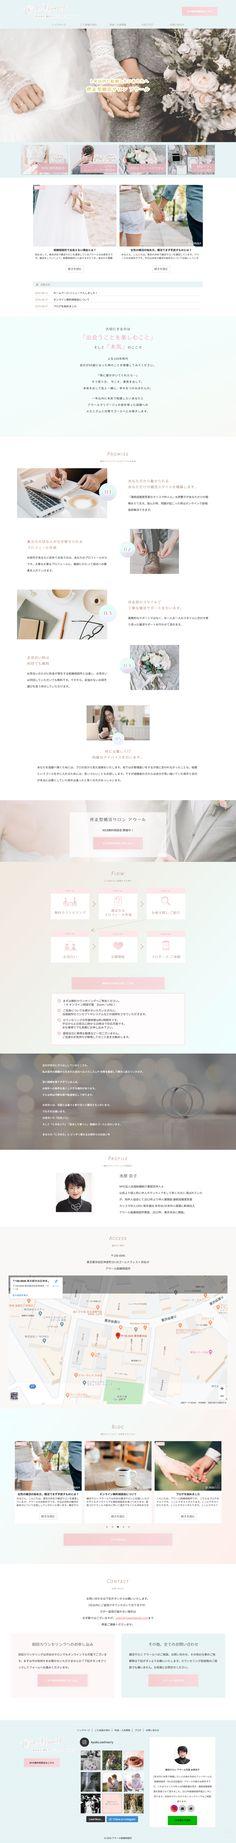 渋谷の婚活サロン  アウールマリッジ様のウェブサイトを作らせていただきました。 It Works, Nailed It